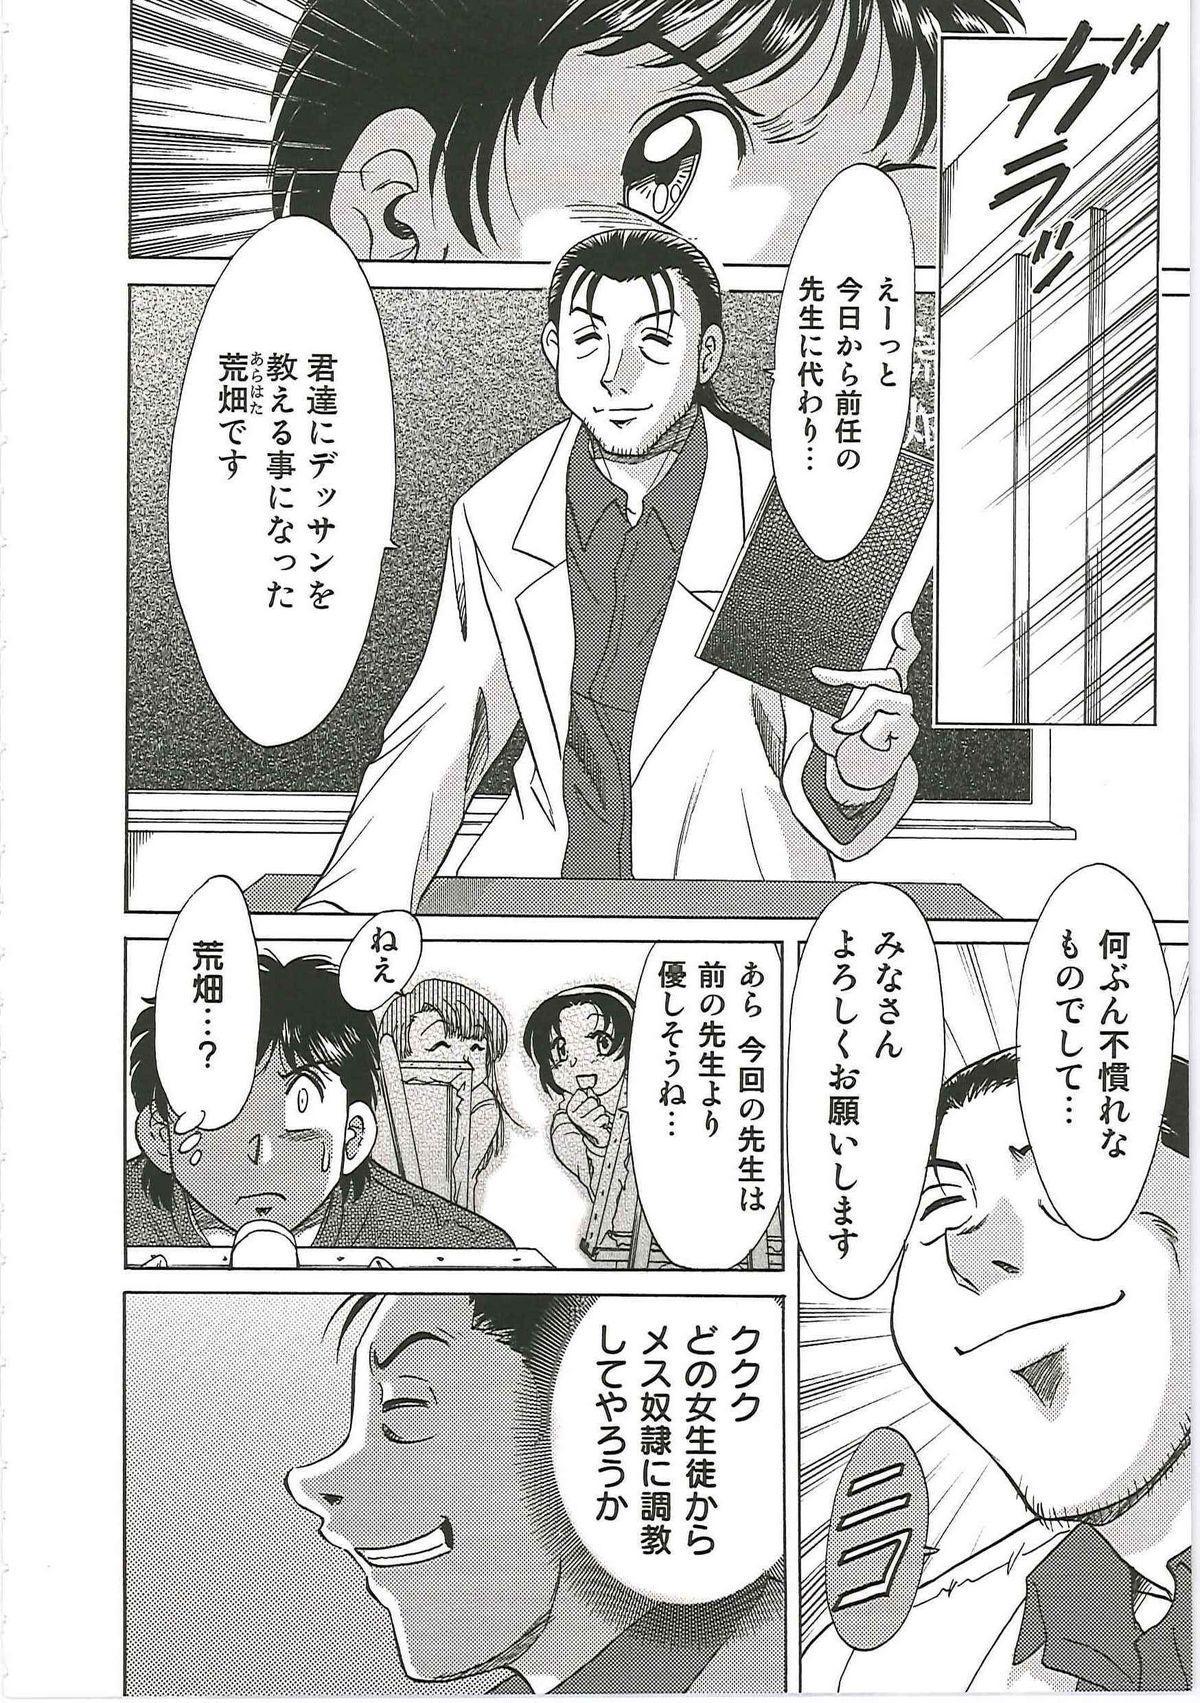 [Chanpon Miyabi] Cho-Onesan Tengoku 6 -Tenrakuhen- 141